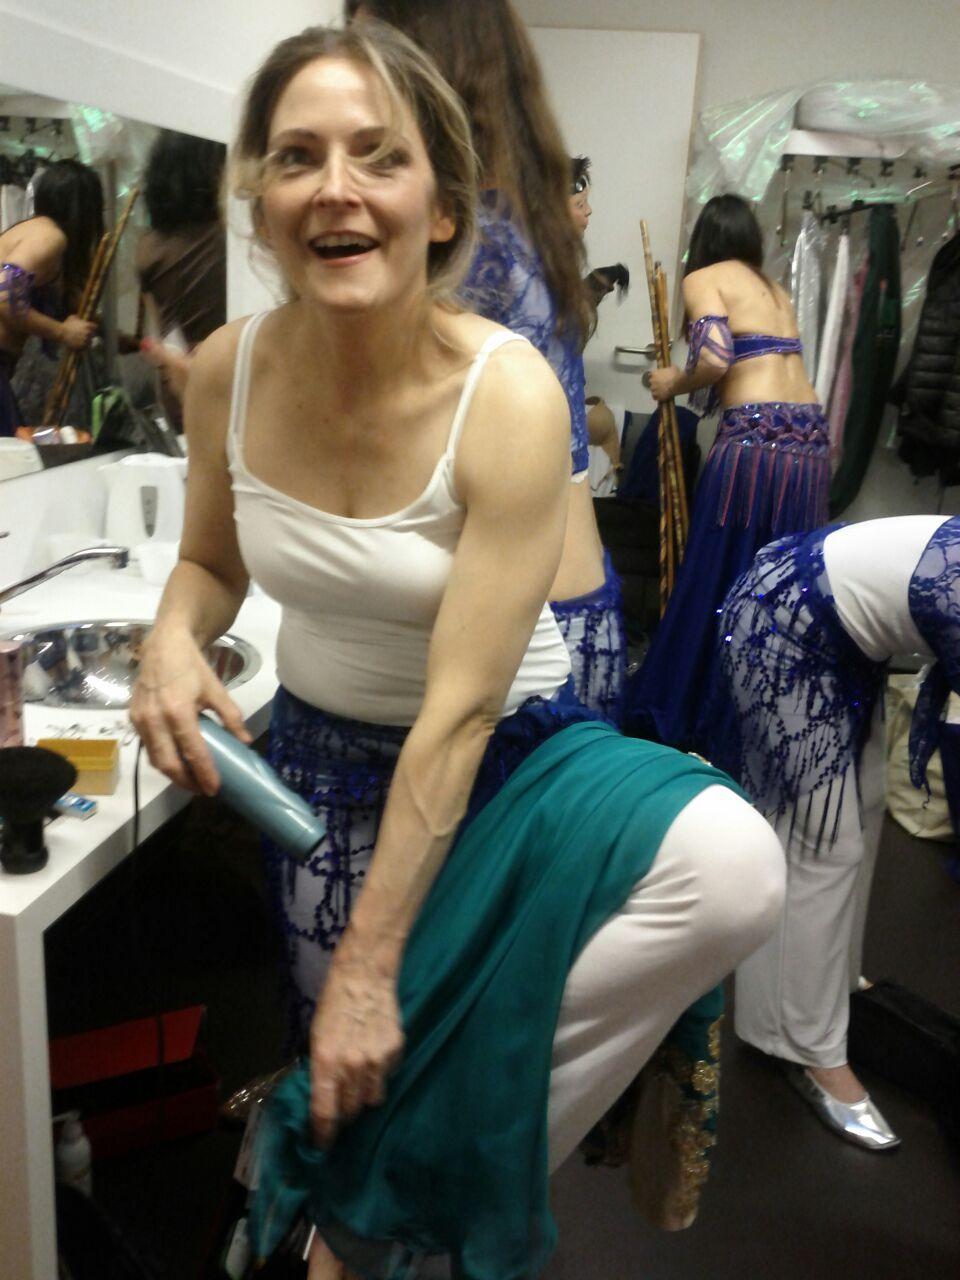 Gabriele foehnt ihr Kostuem Backstage bei Evelines Jubilaeumsshow Eveline in Zirl bei Innsbruck 2016